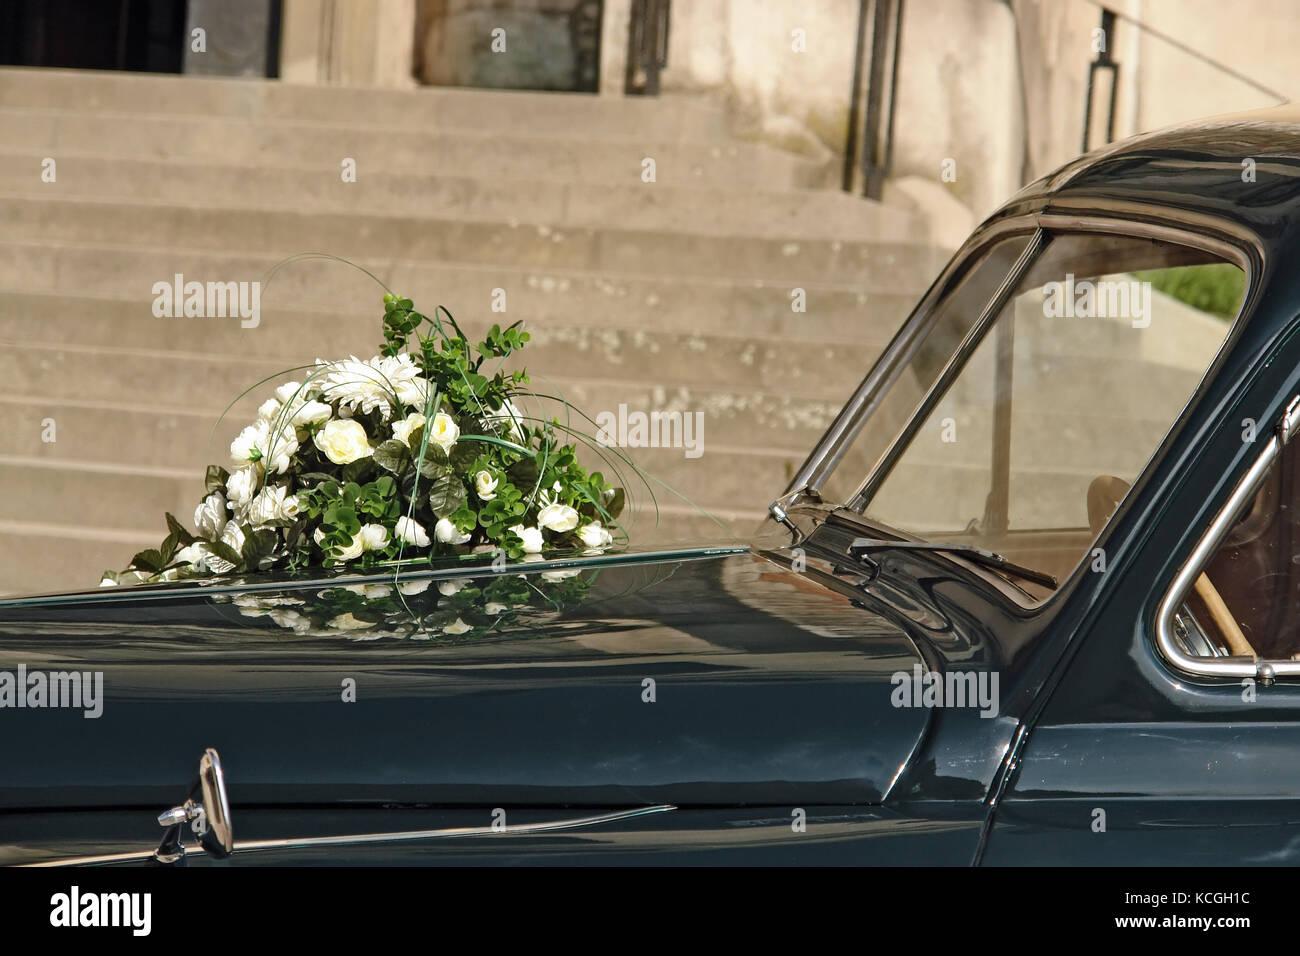 Hochzeit Blumen Auf Retro Auto Vor Der Kirche Gebaude Geparkt